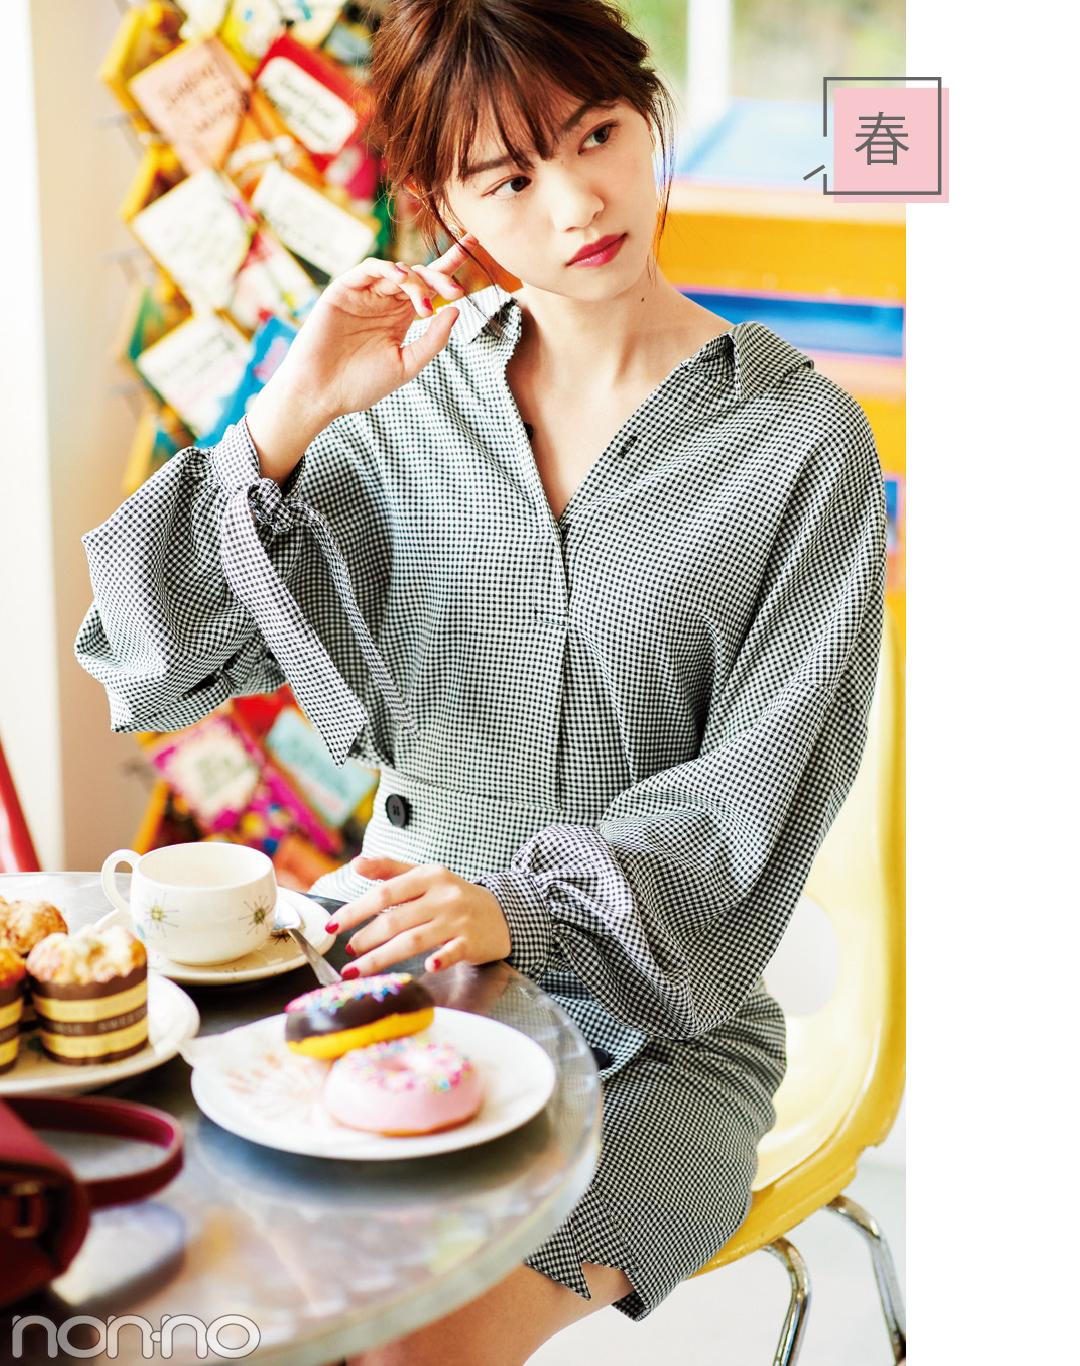 西野七瀬がギンガムチェックのシャツを今→春3段活用着回し!_1_4